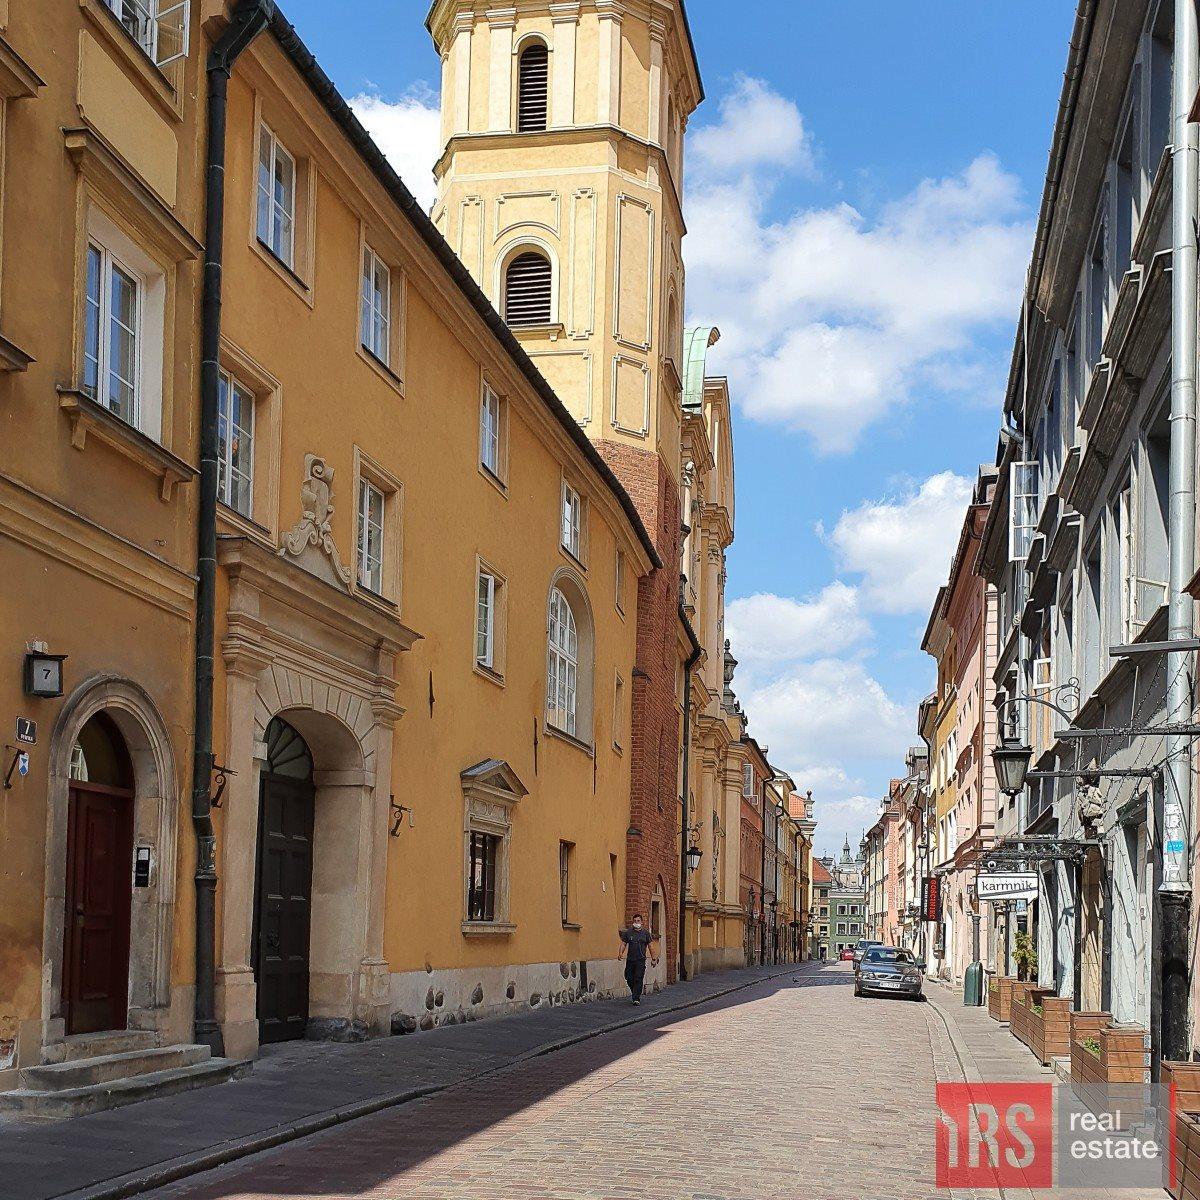 Mieszkanie trzypokojowe na sprzedaż Warszawa, Śródmieście, Piwna  85m2 Foto 9